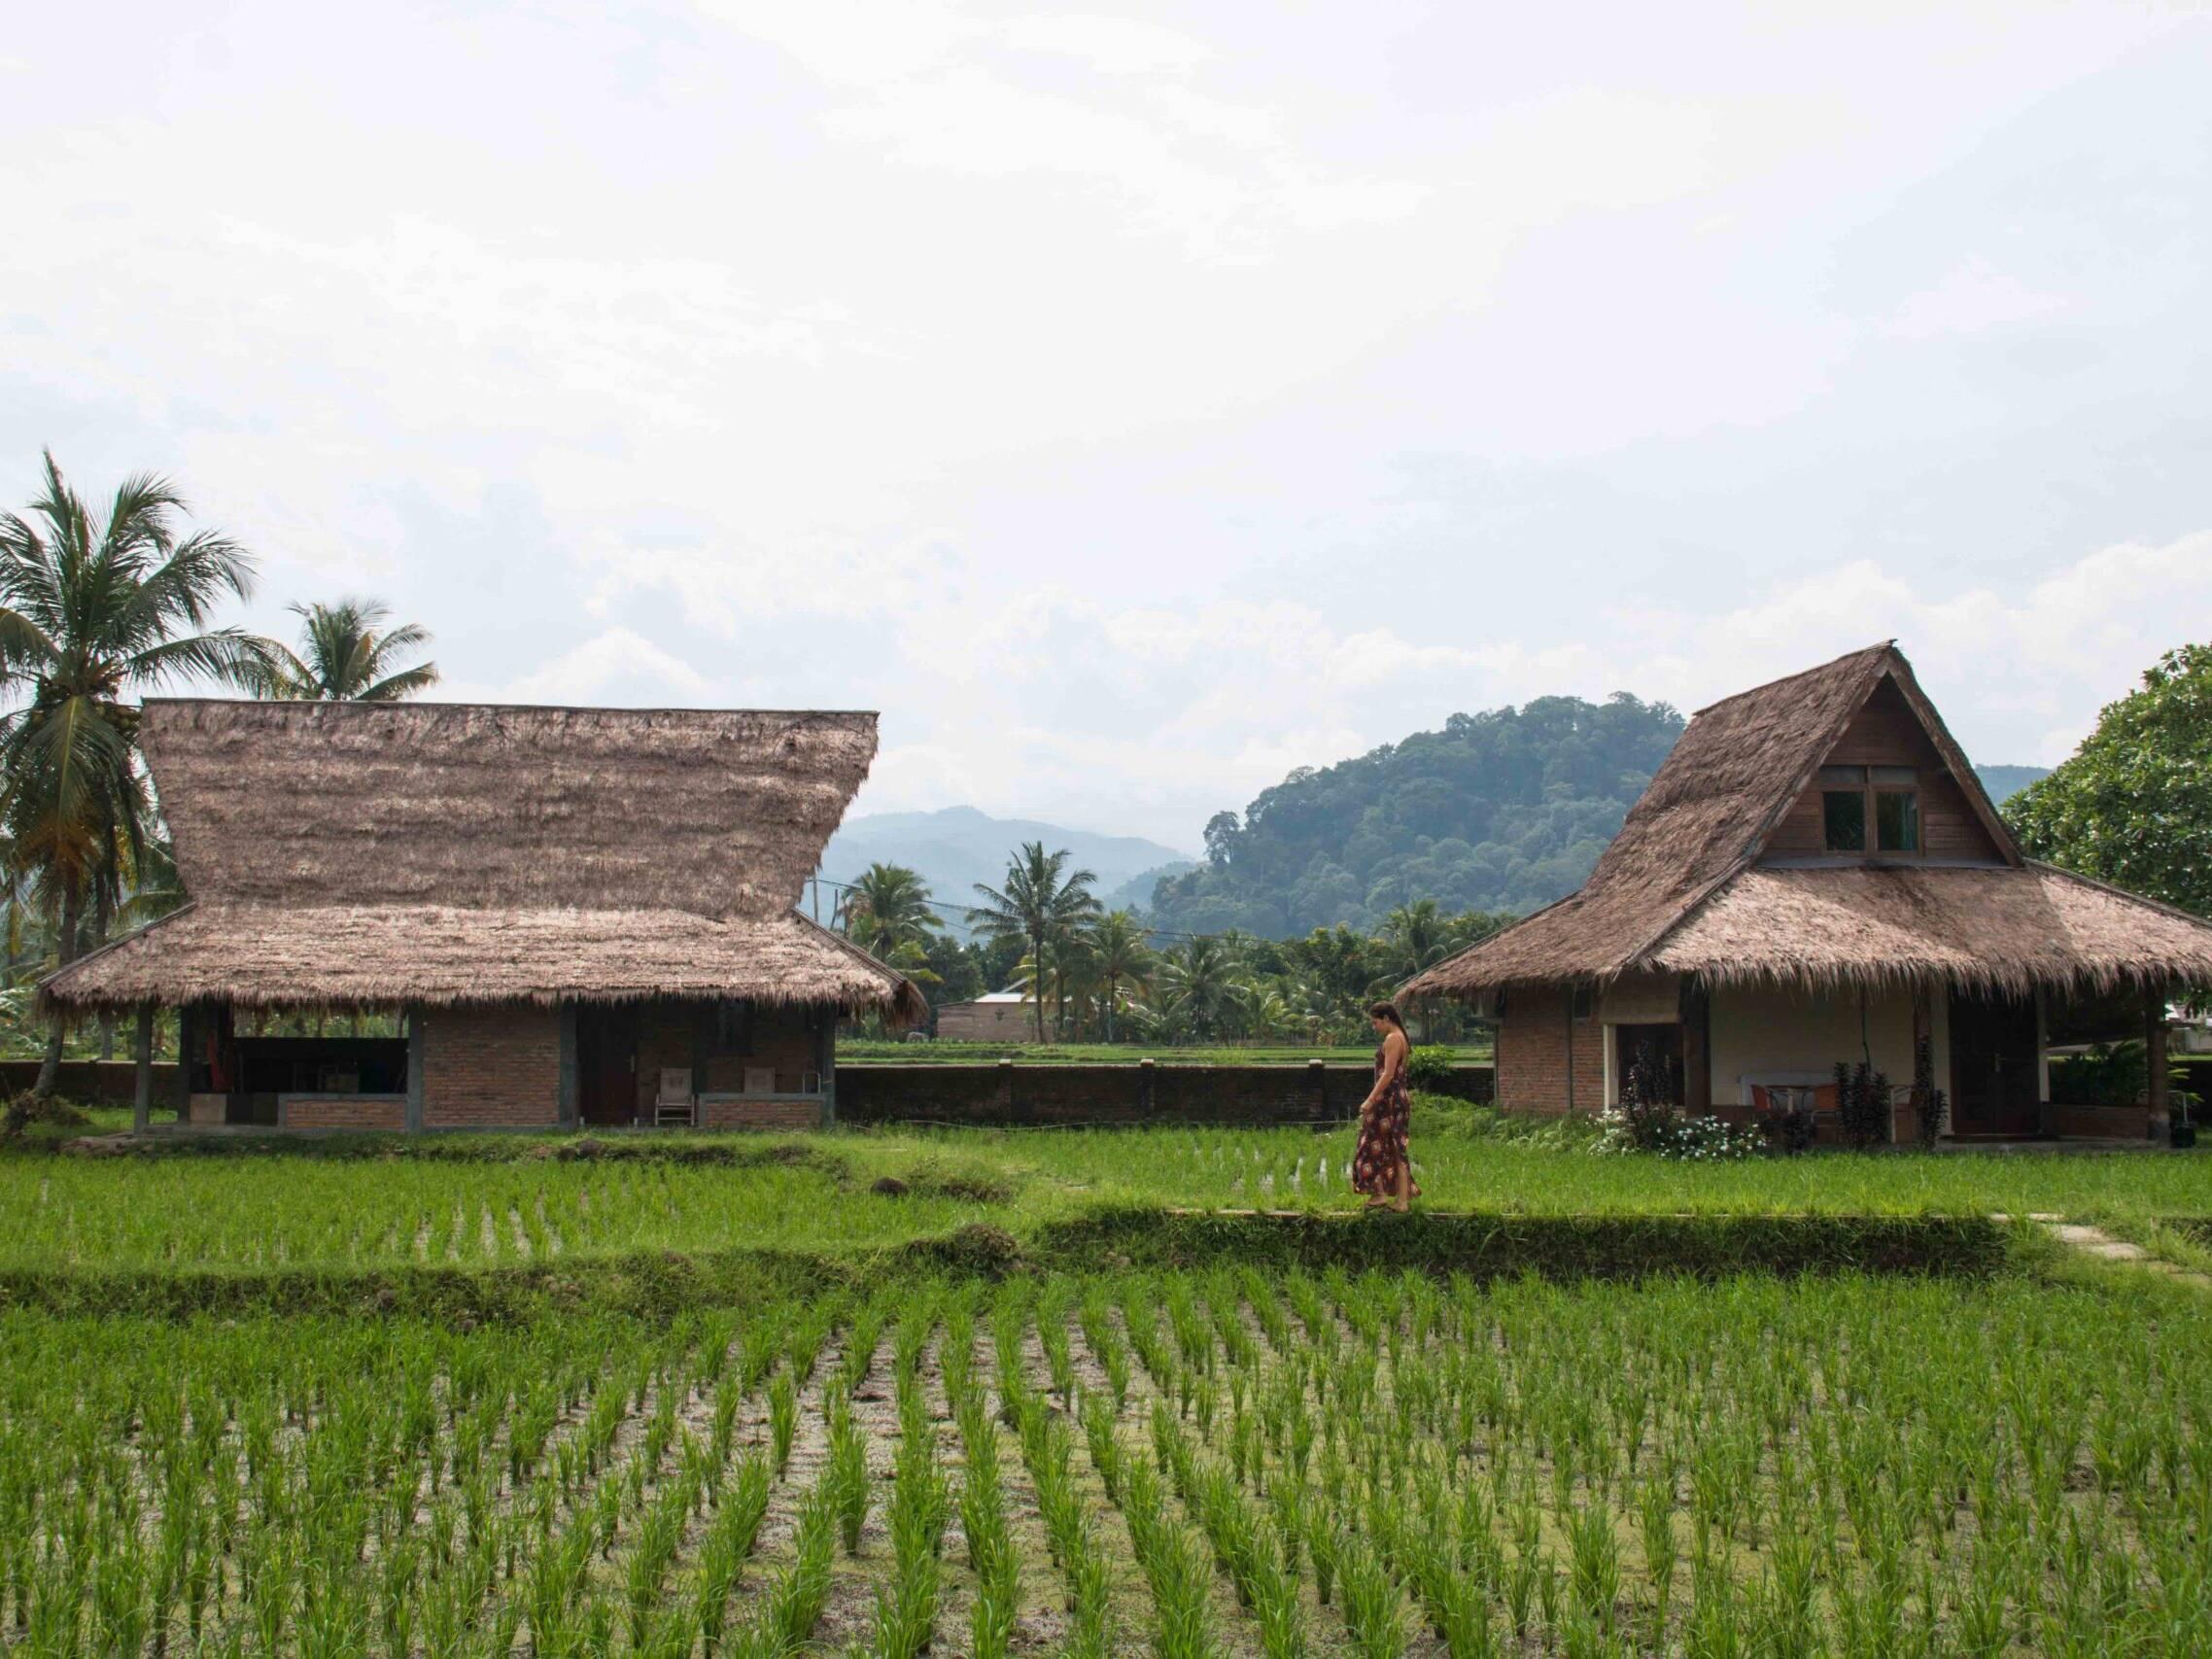 Cimaja Square in Java